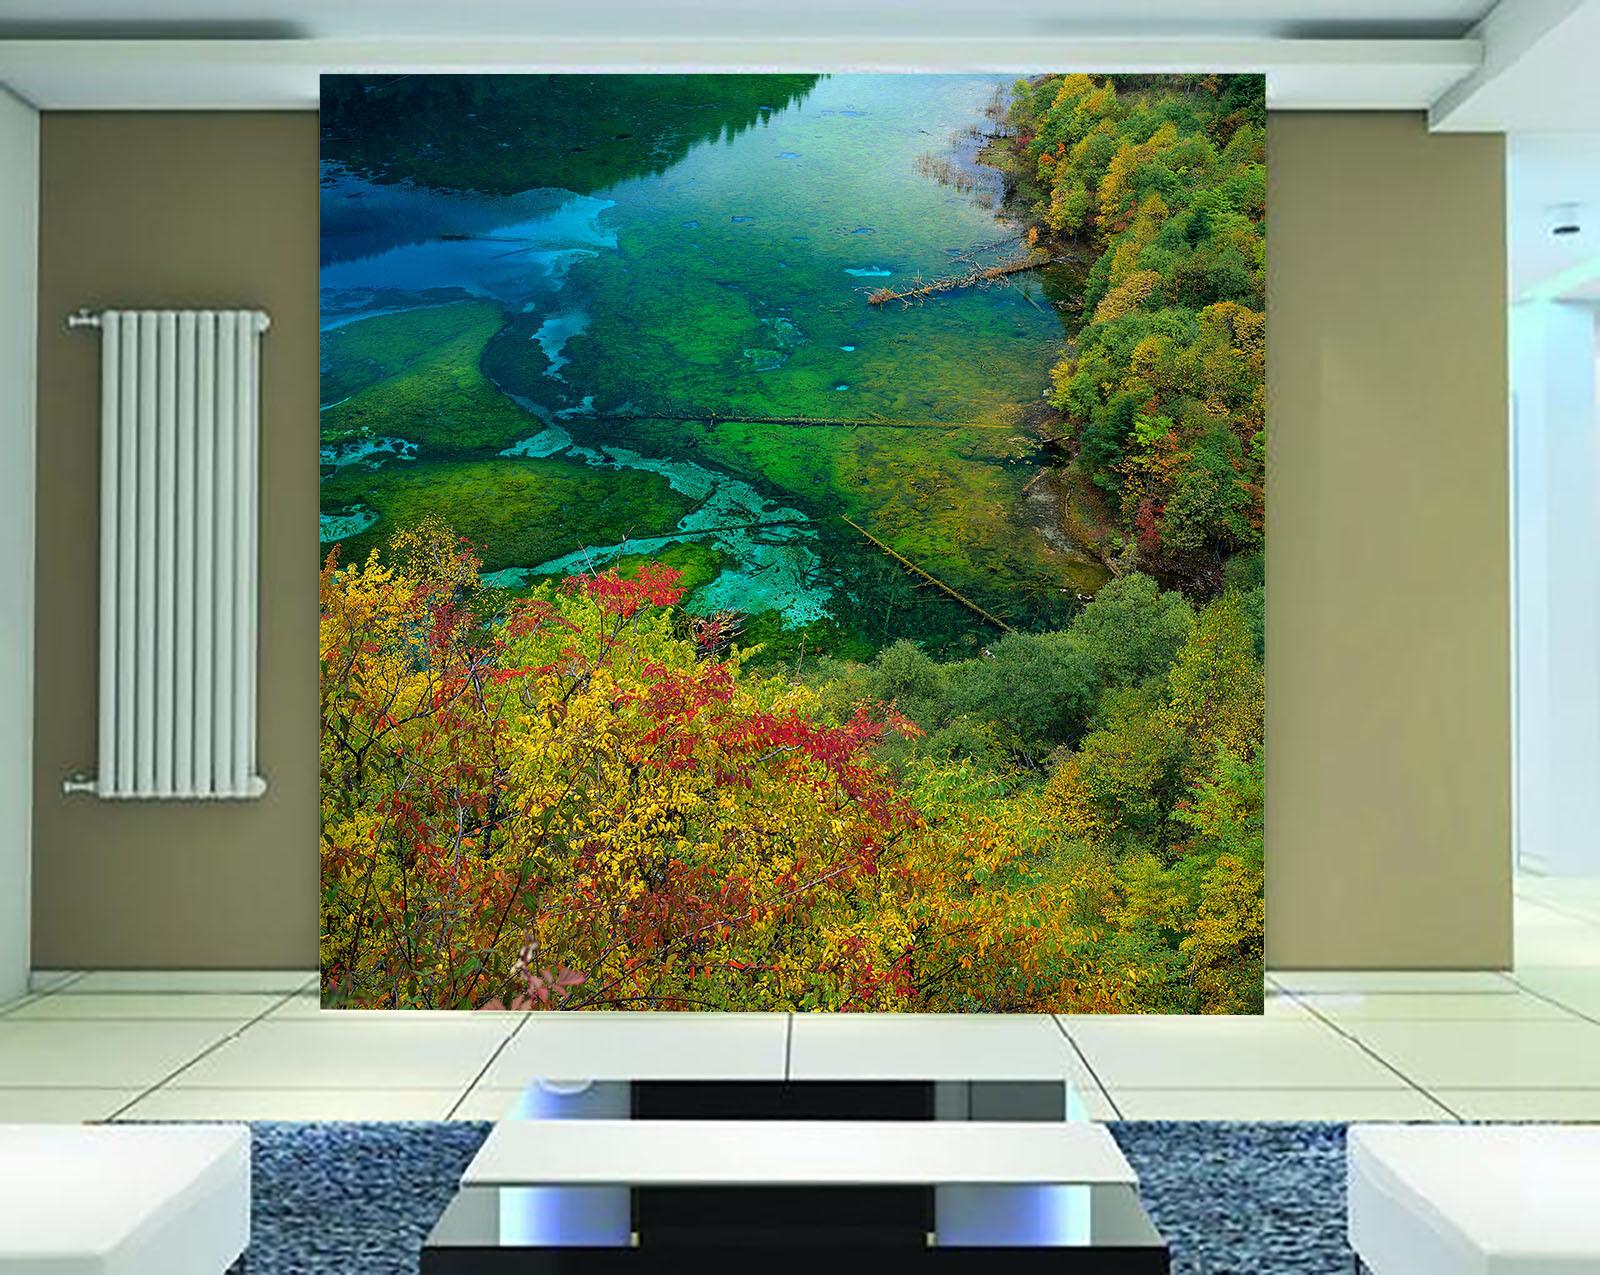 3D Wäldern, flüssen 7986 Fototapeten Wandbild Fototapete BildTapete Familie DE